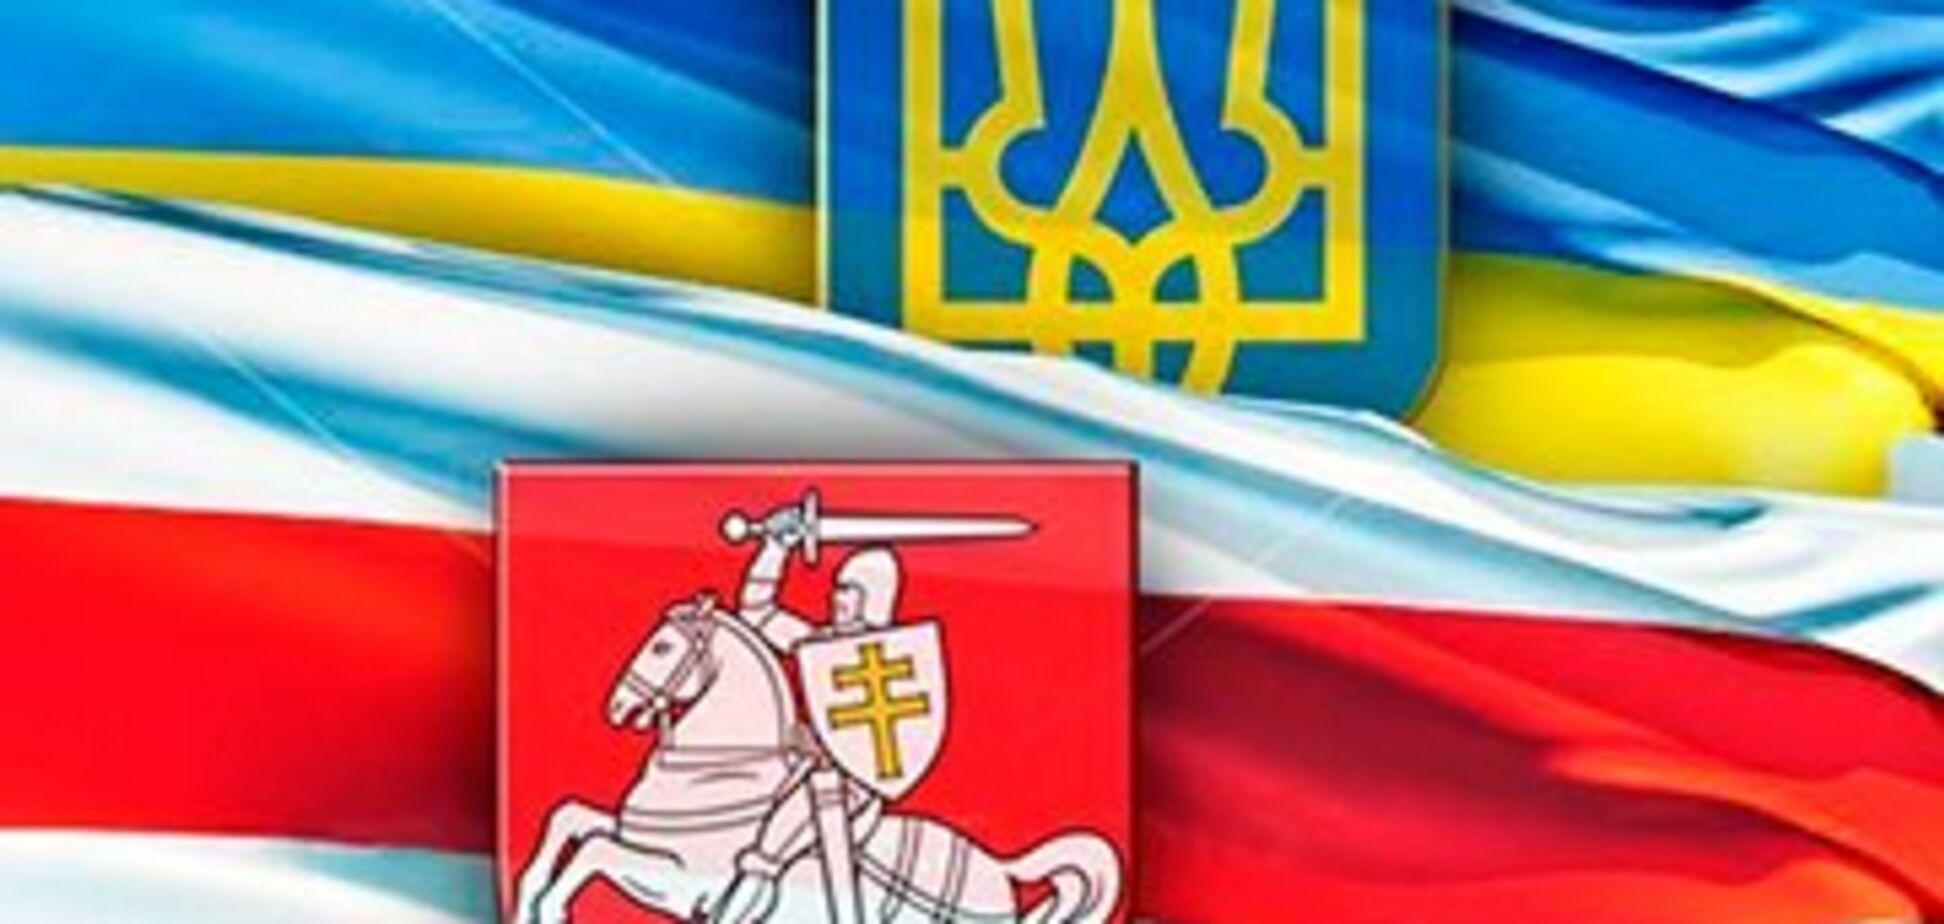 Доверяй, но проверяй: Украину предупредили о возможном ударе Беларуси